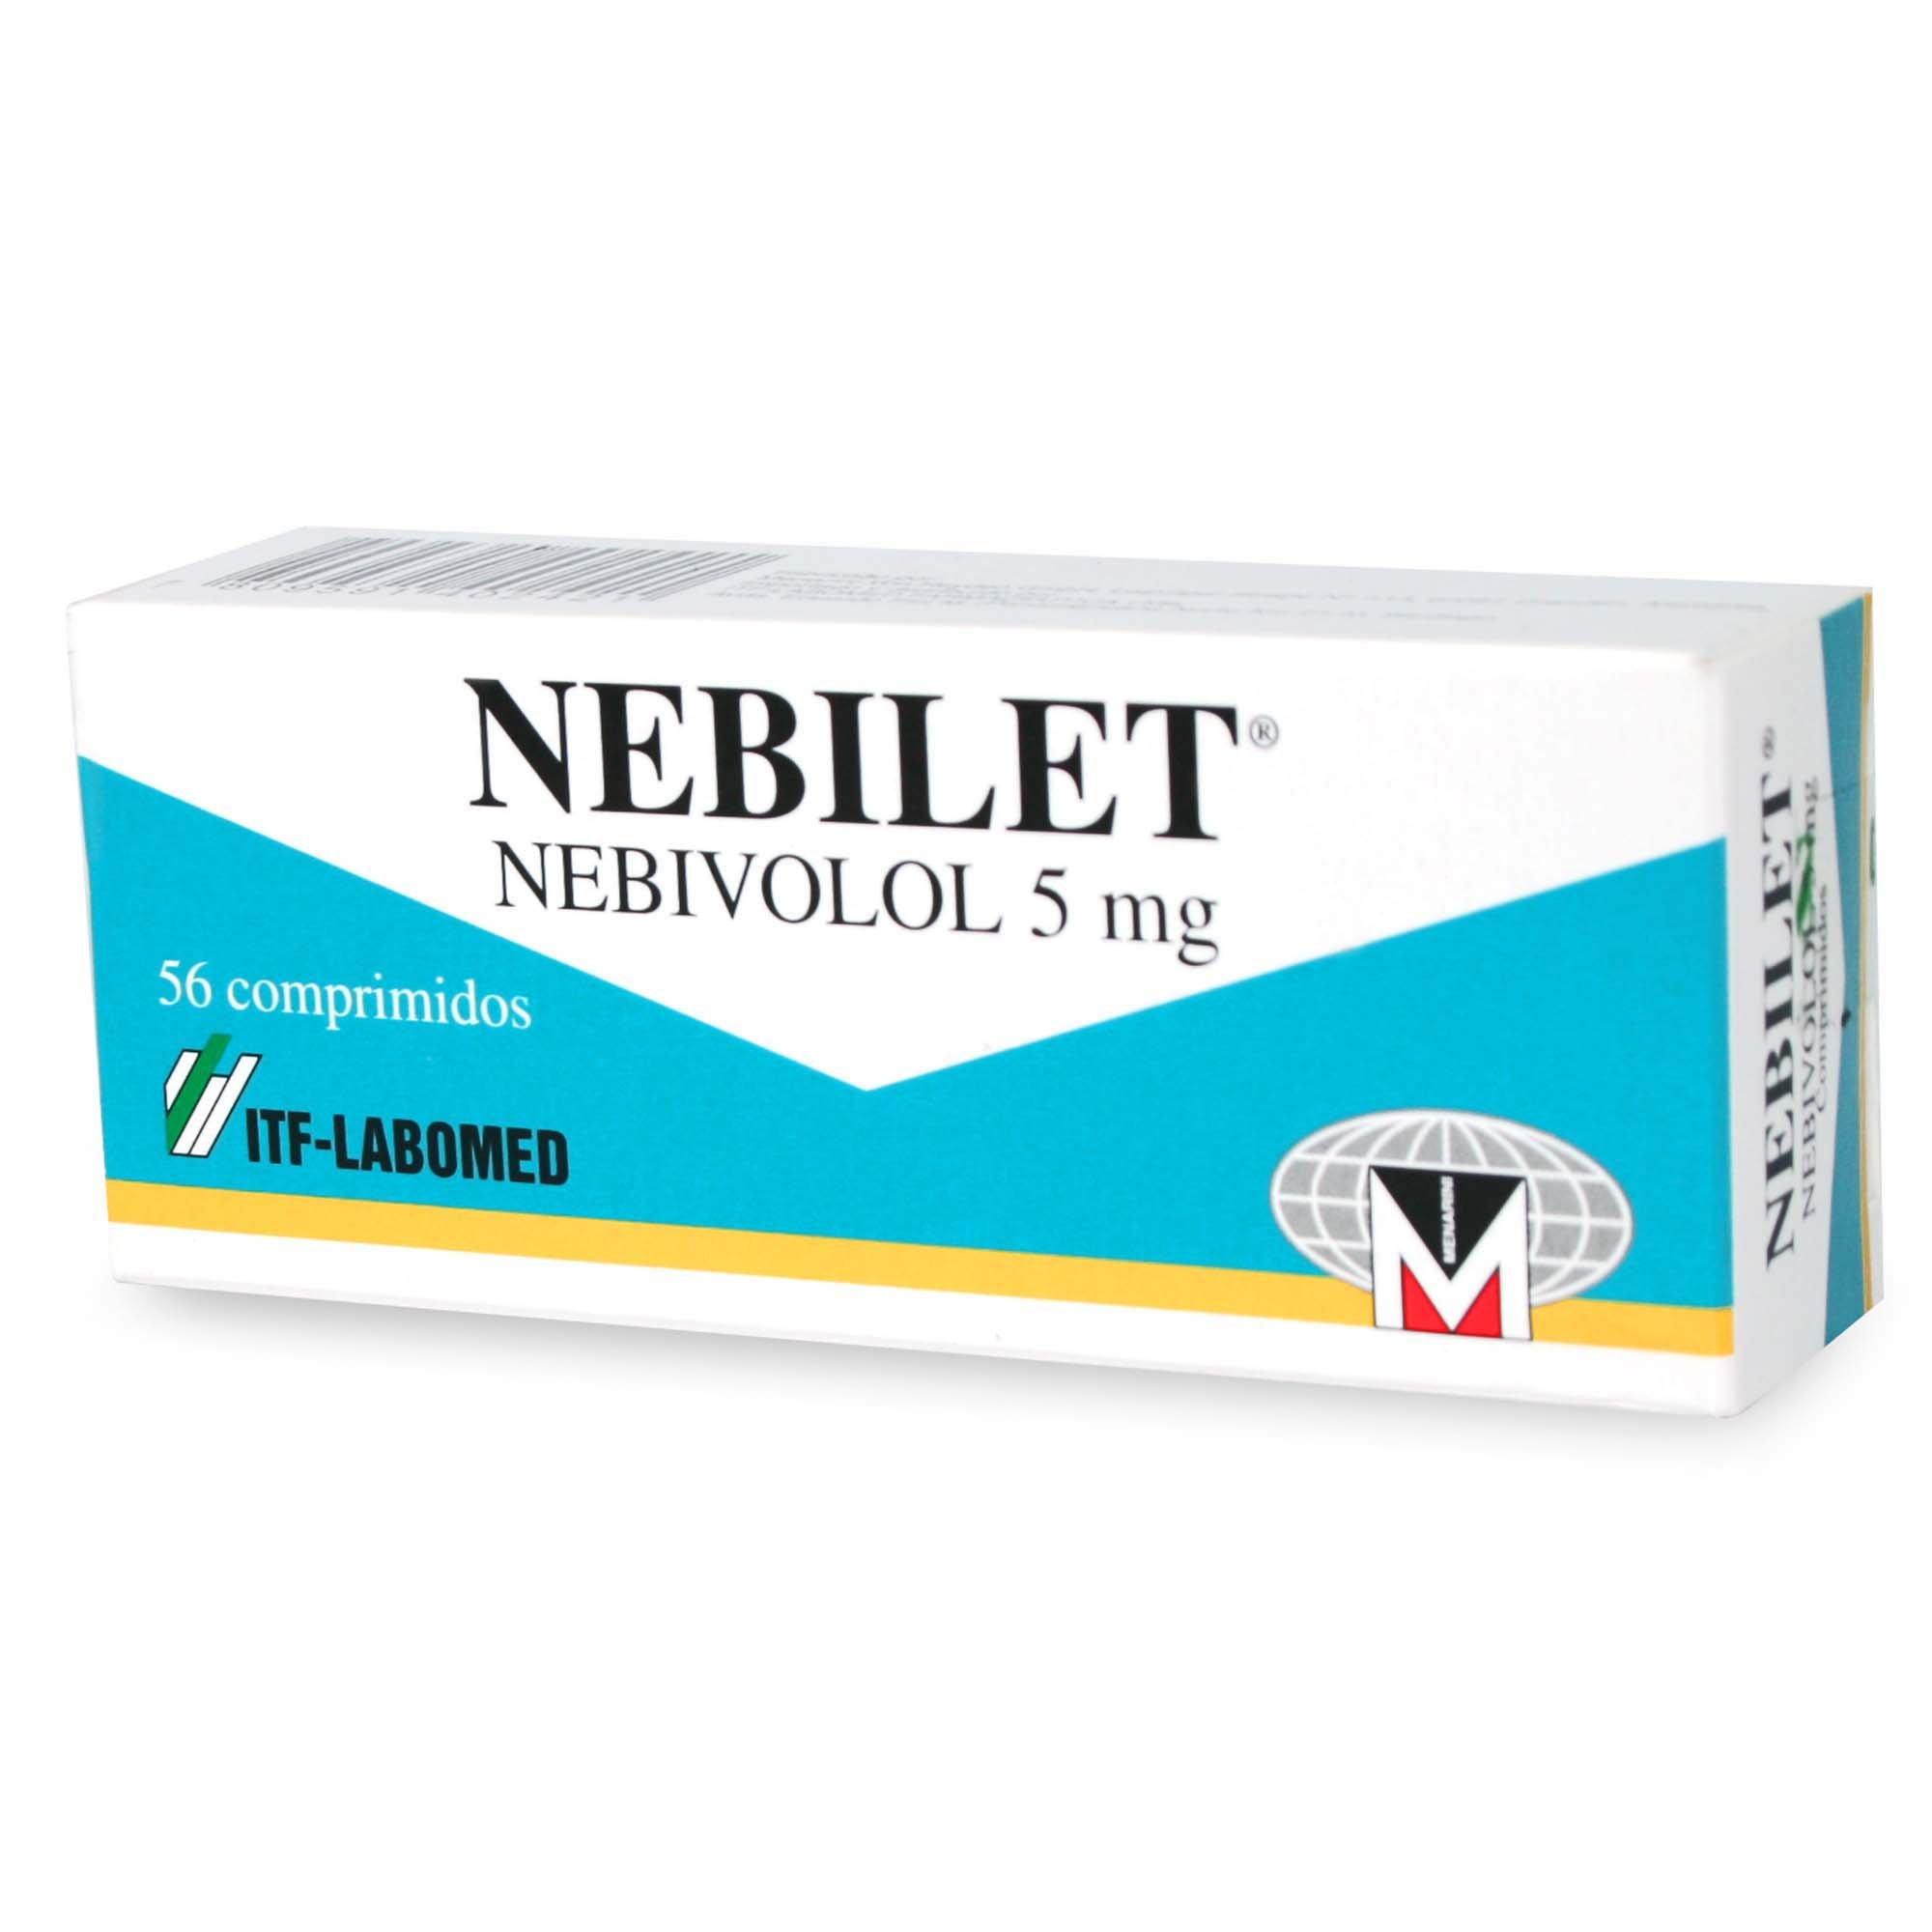 Nebilet  5mg x 28 comprimidos